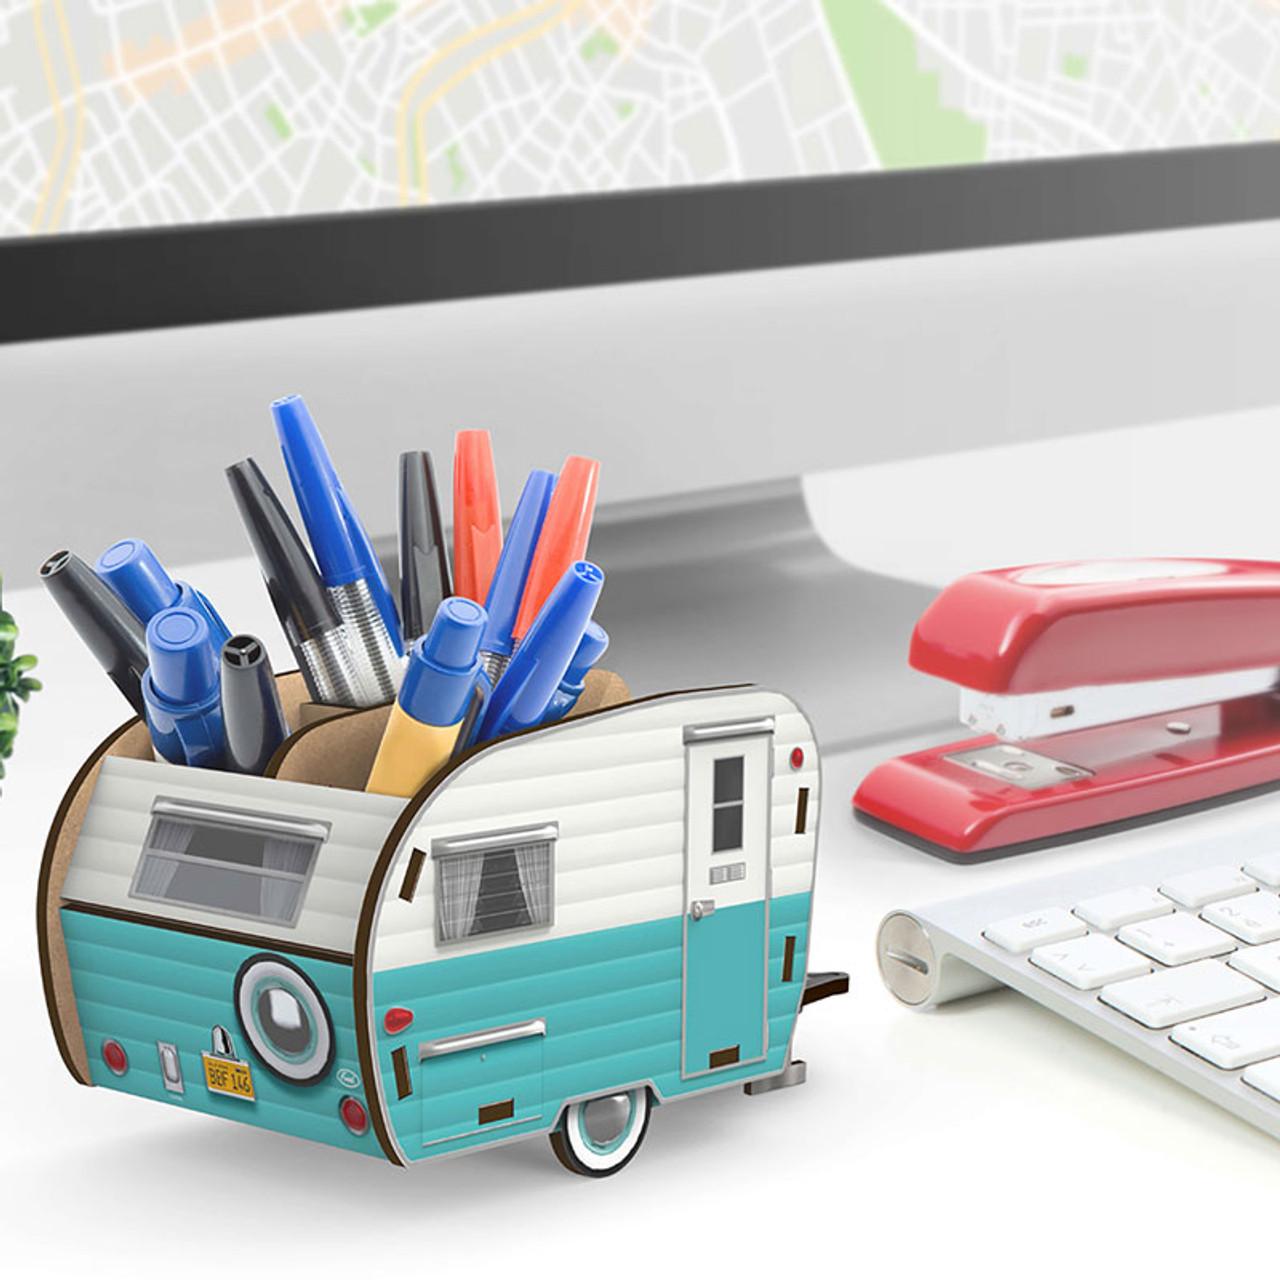 Retro Desk Pencil Holder